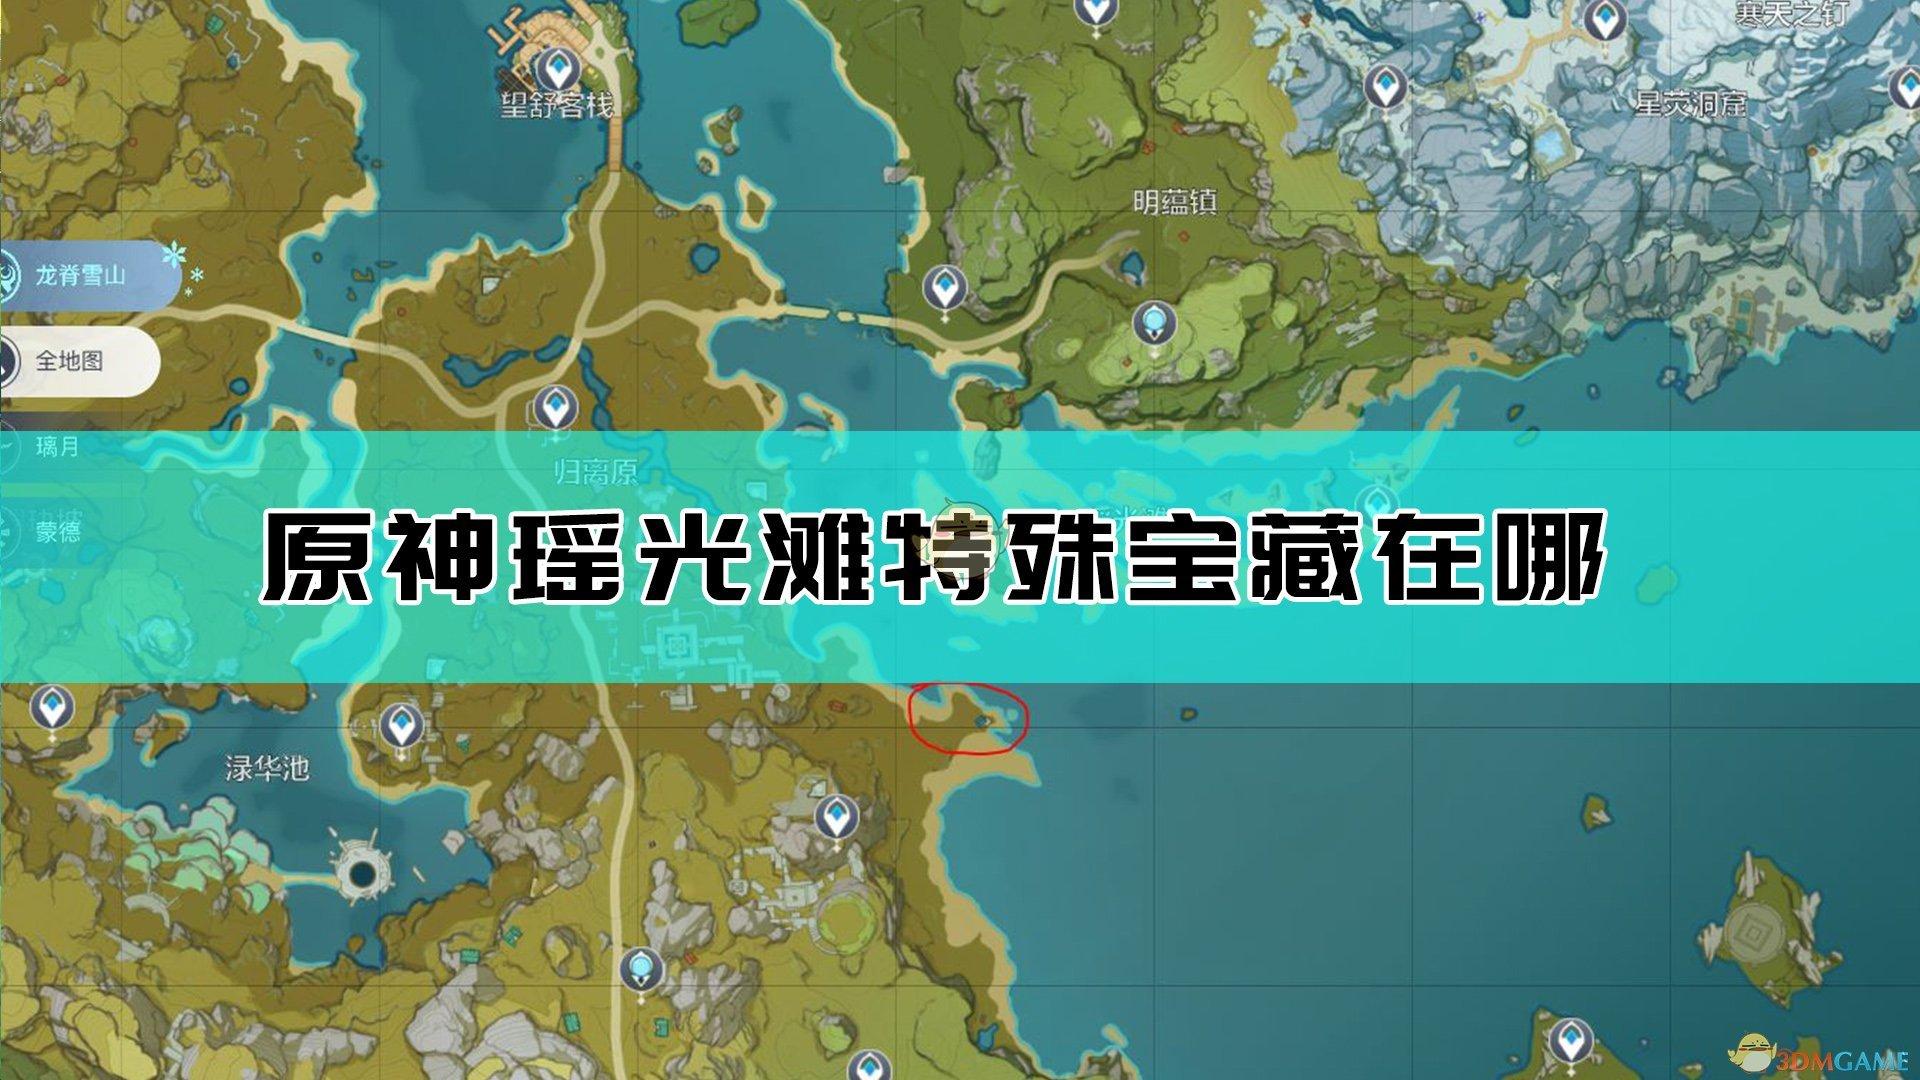 《原神》瑶光滩特殊宝藏位置介绍